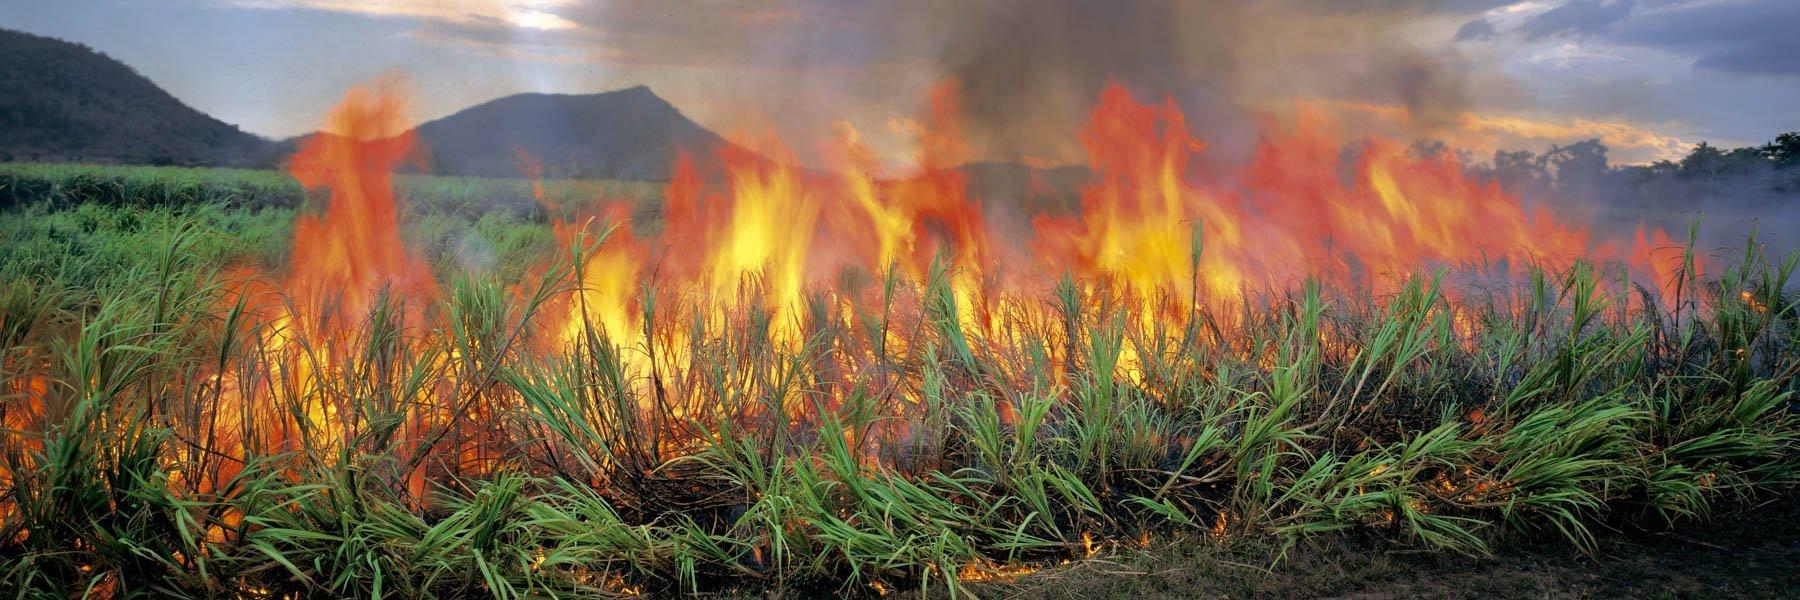 Burning sugar cane, north Queensland, Australia.